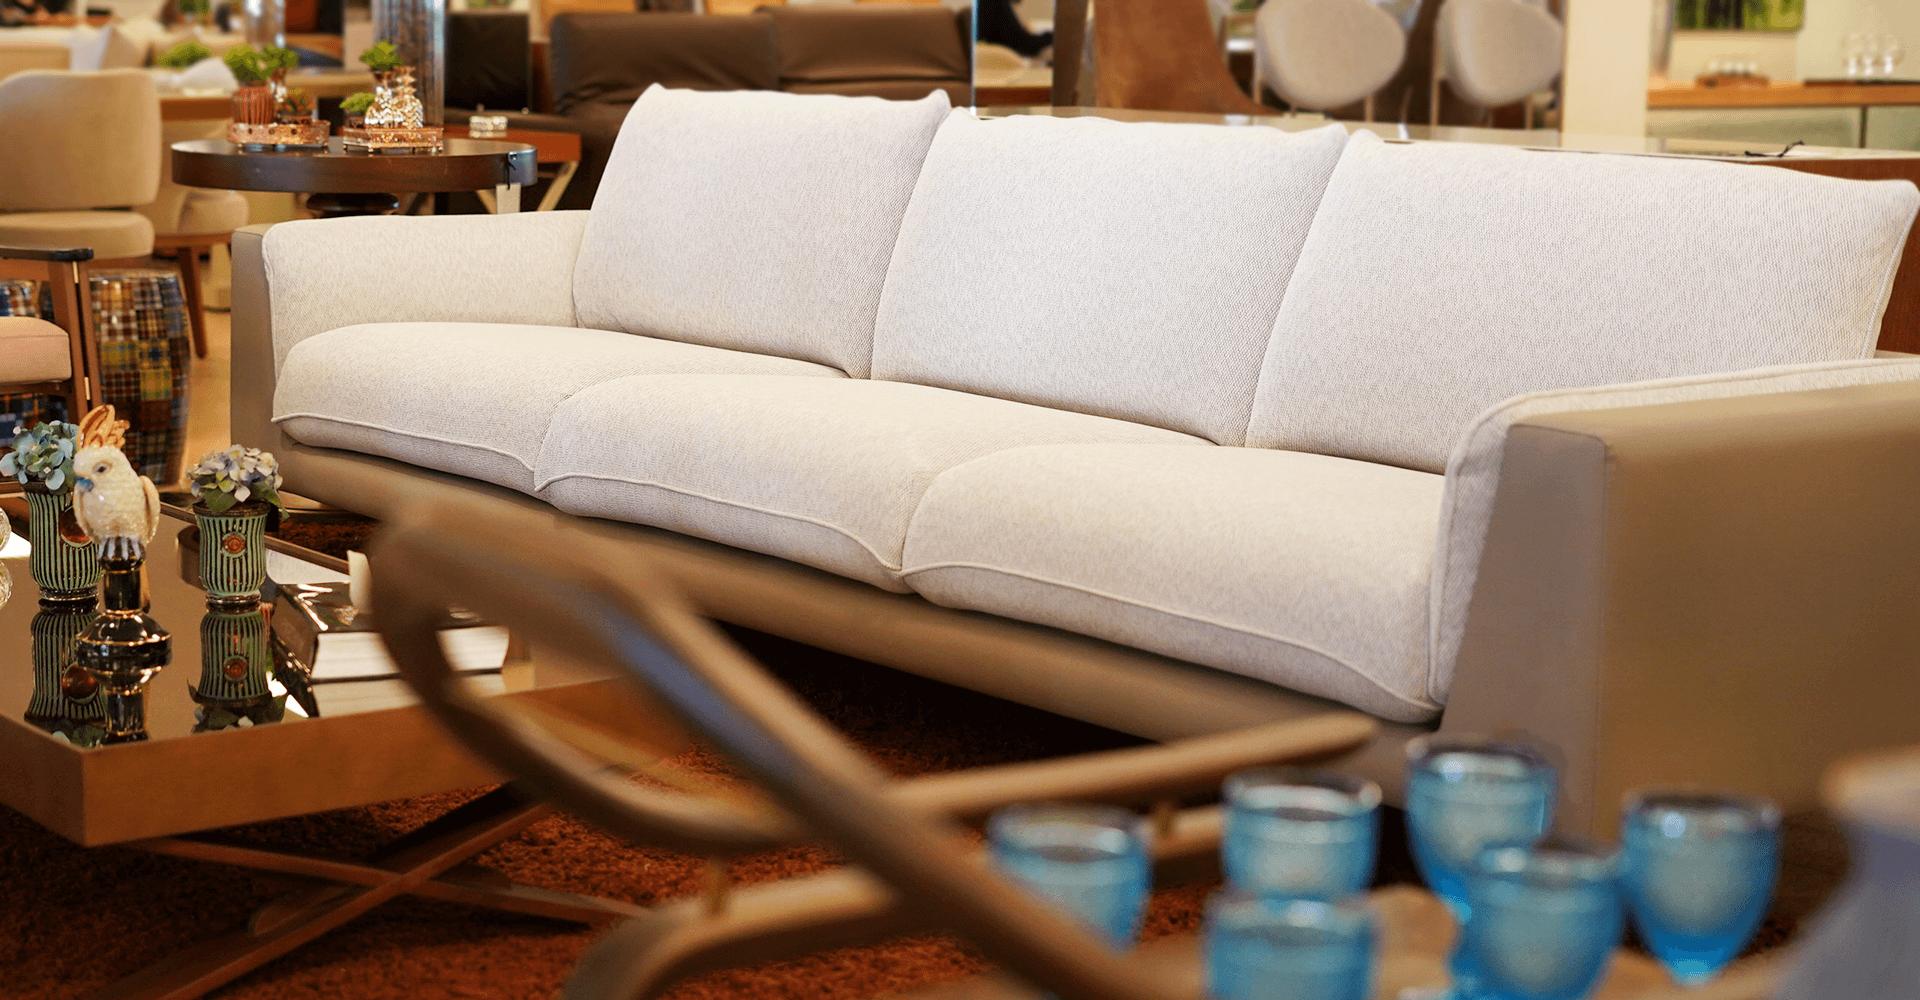 Jônthas Aquino Melo – Curriculo Jônathas Aquino | Cenário Móveis - A loja mais completa em móveis finos e de luxo em Goiânia e Brasília